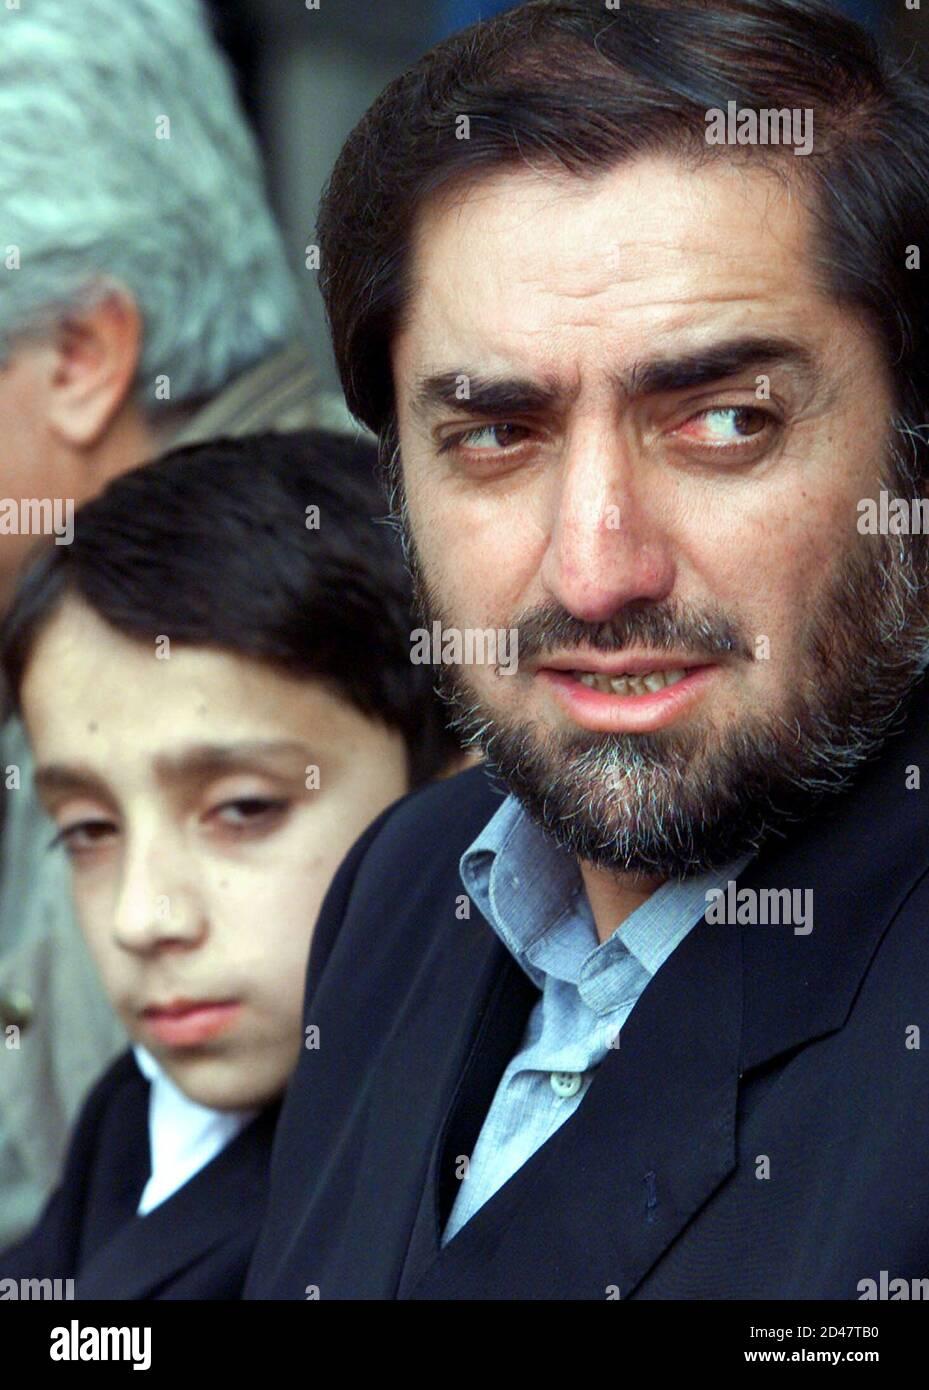 Ahmed Shah Massoud Stockfotos und  bilder Kaufen   Alamy